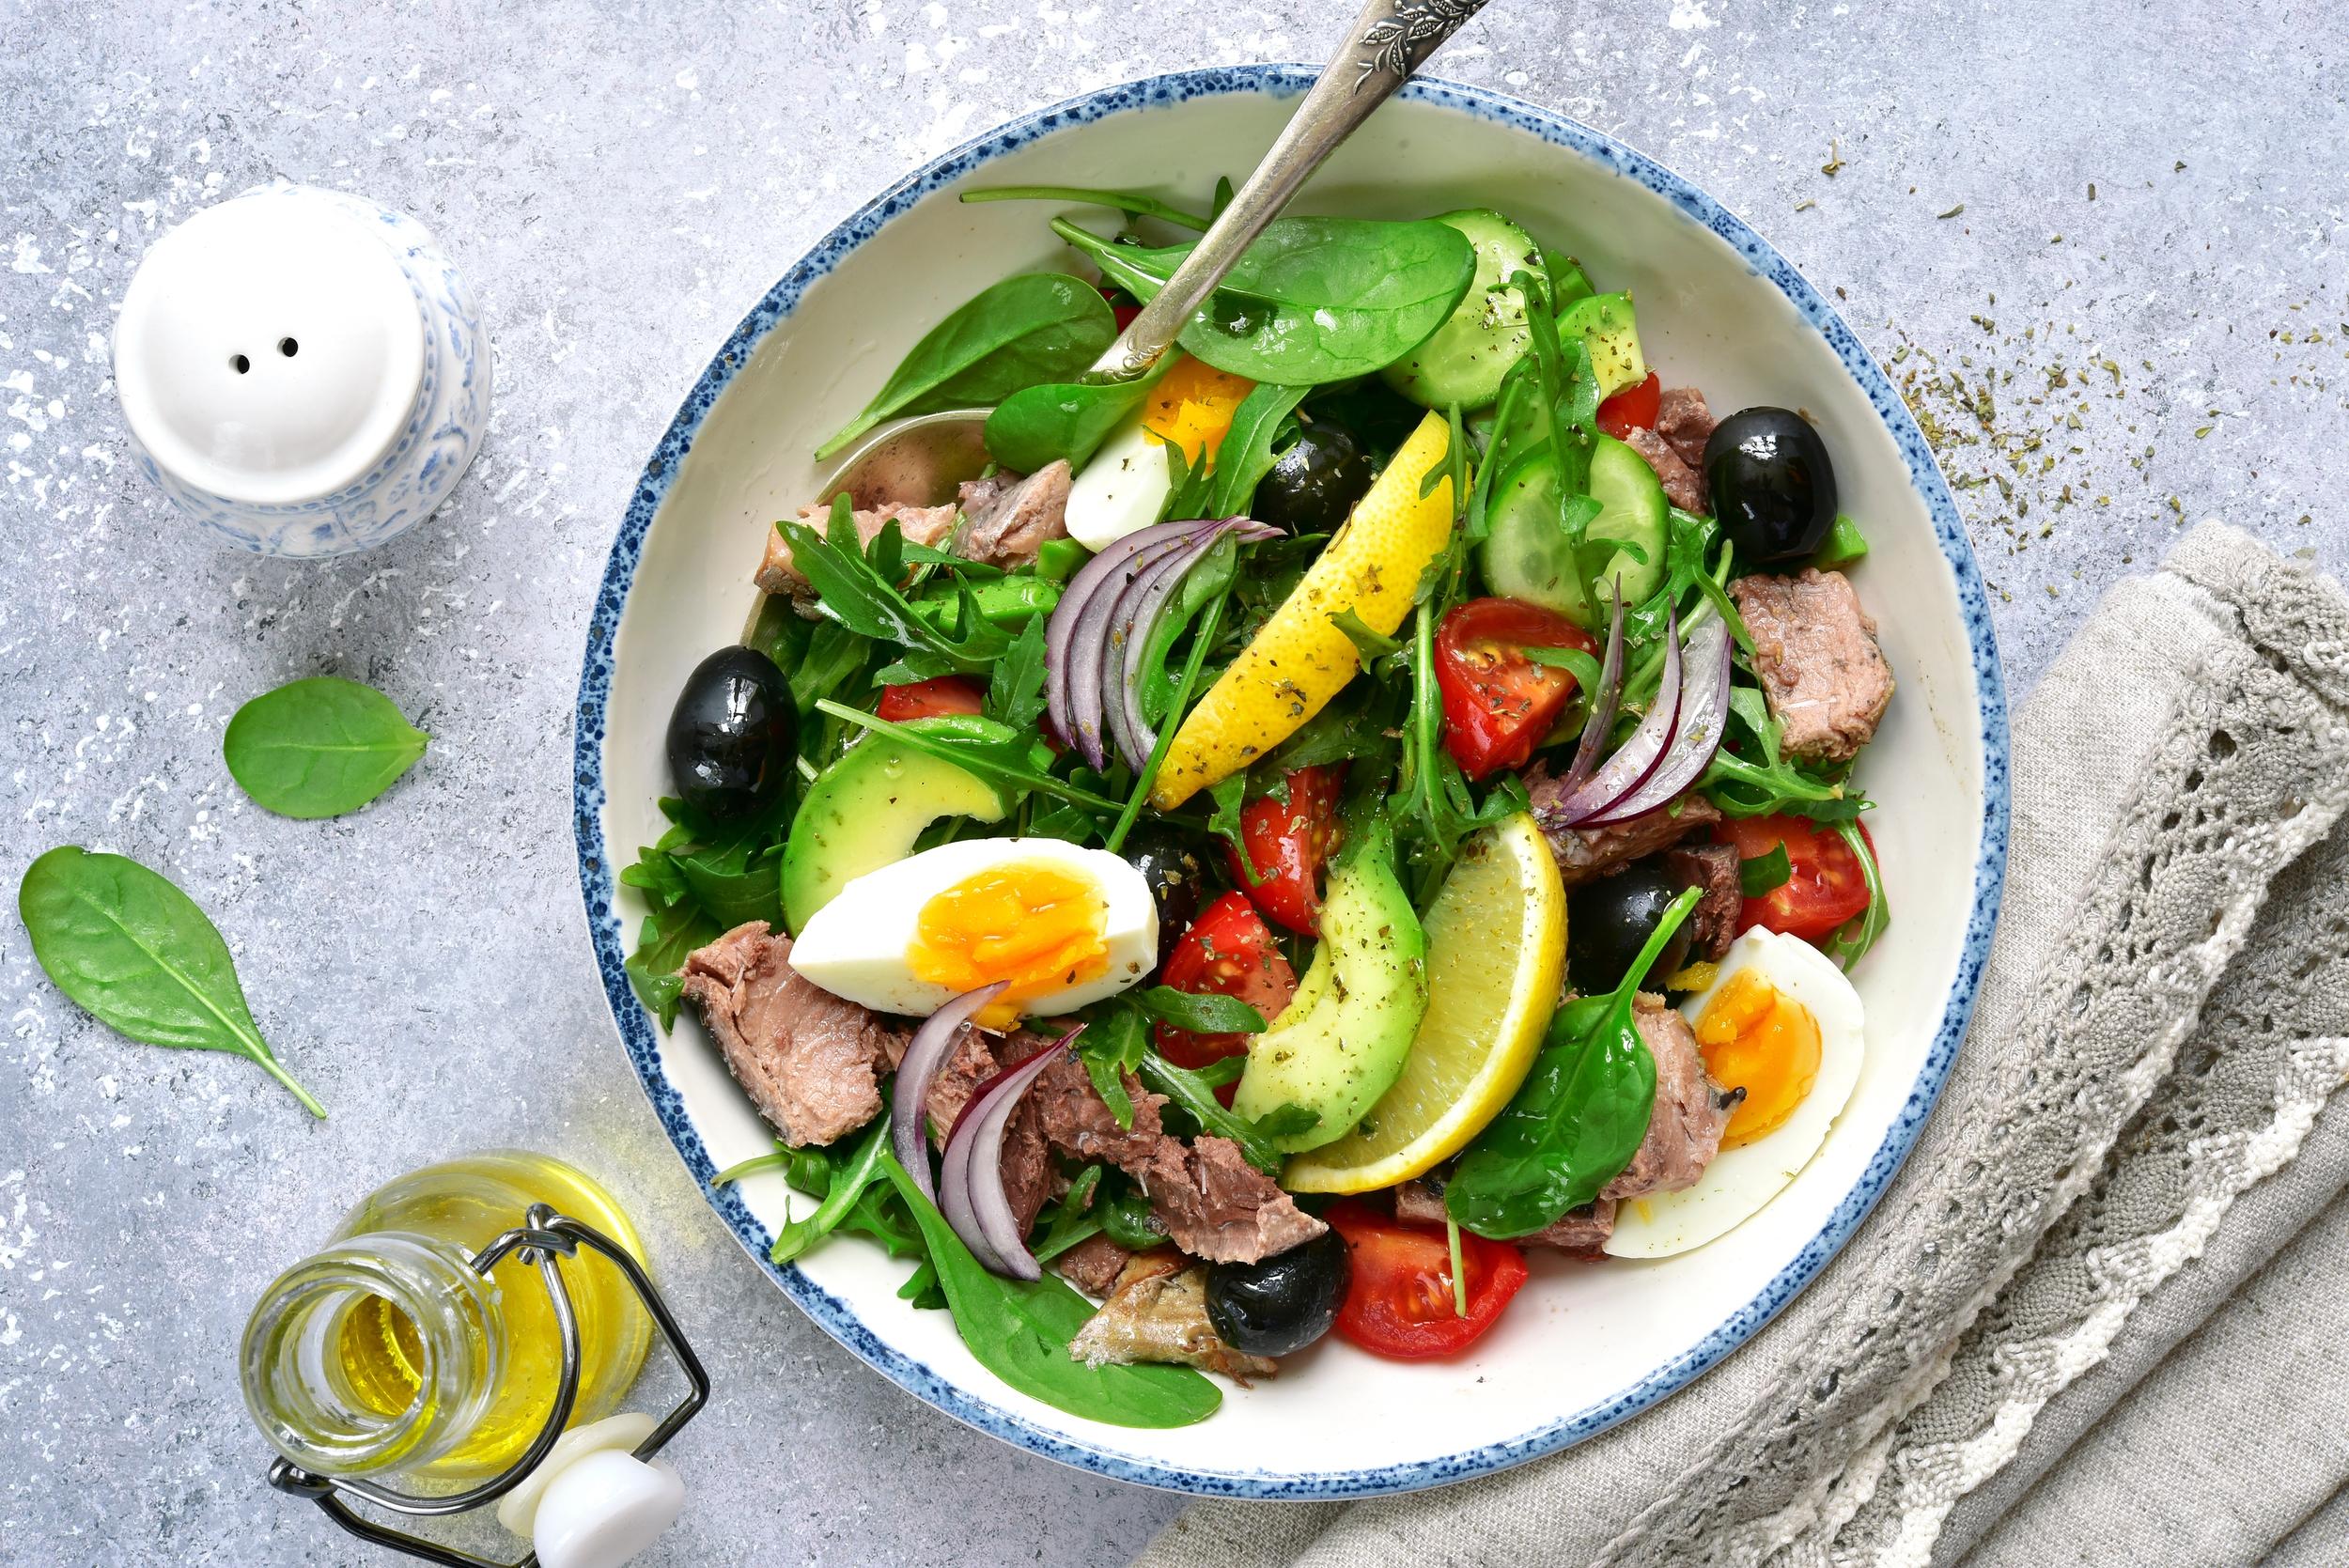 Paleo Arugula Salad